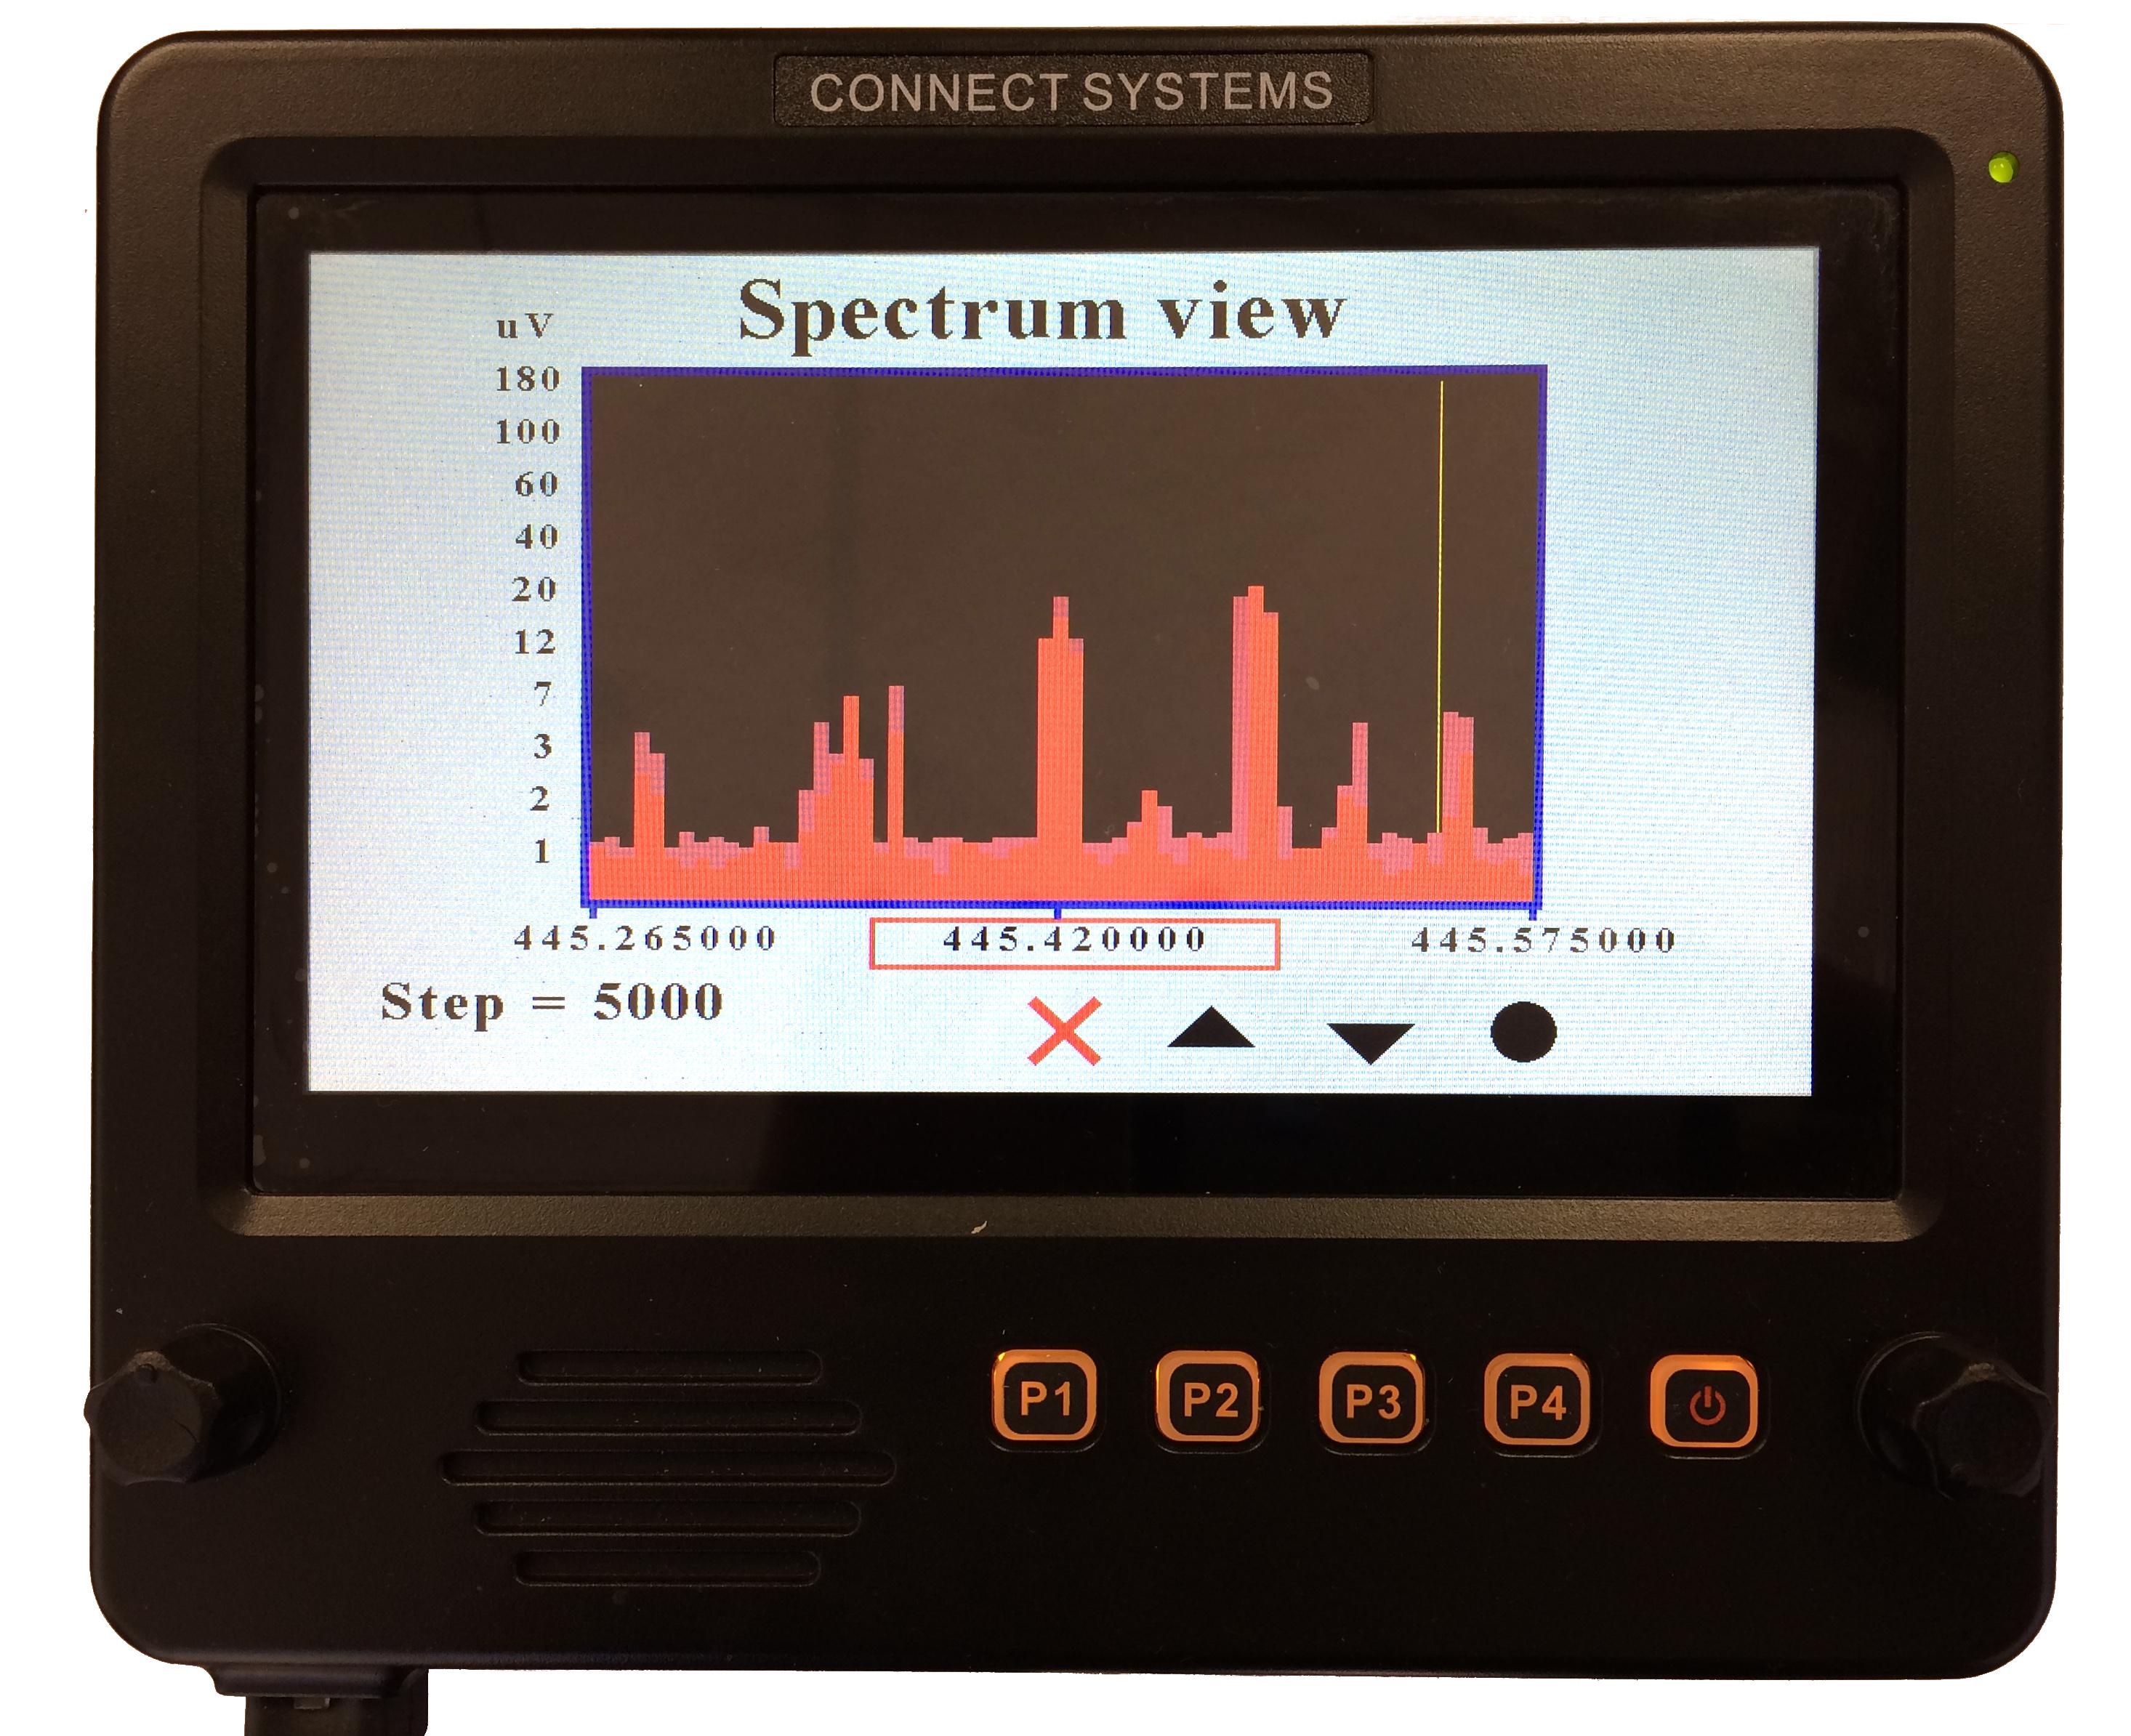 spectrumview.jpg